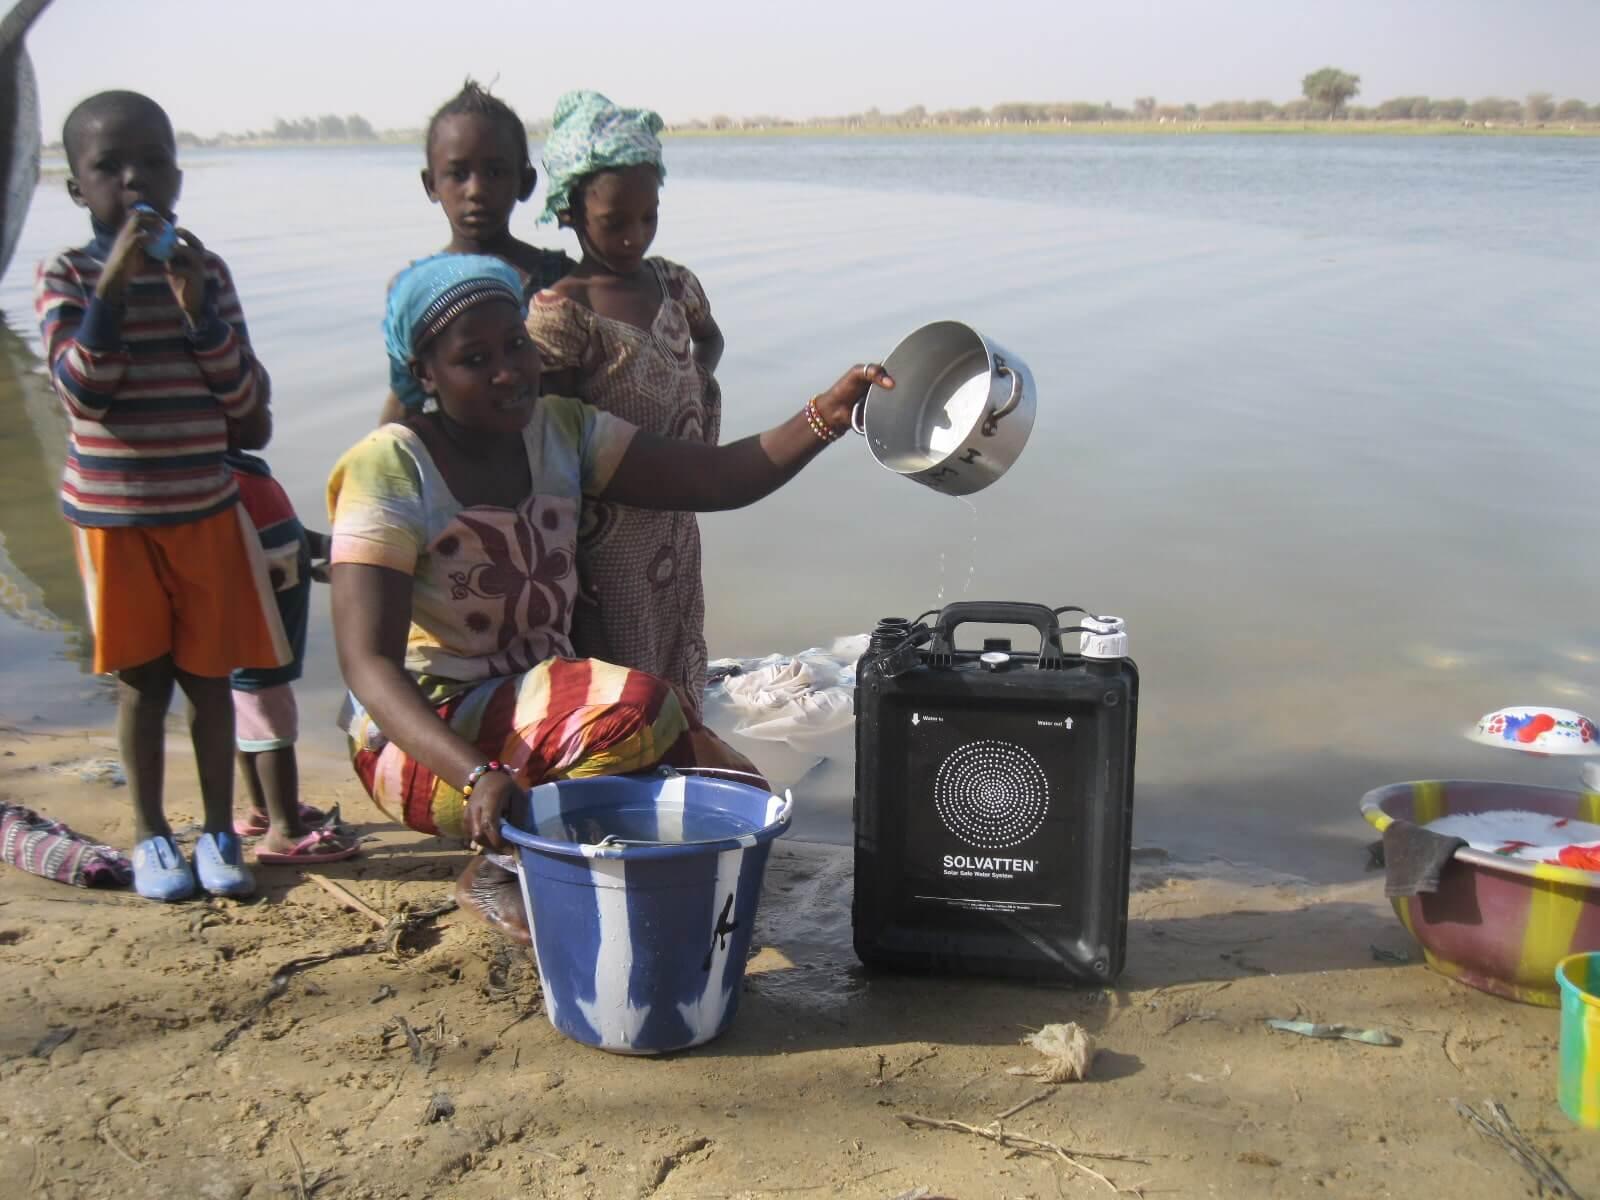 UN Habitat and Solvatten in Mali